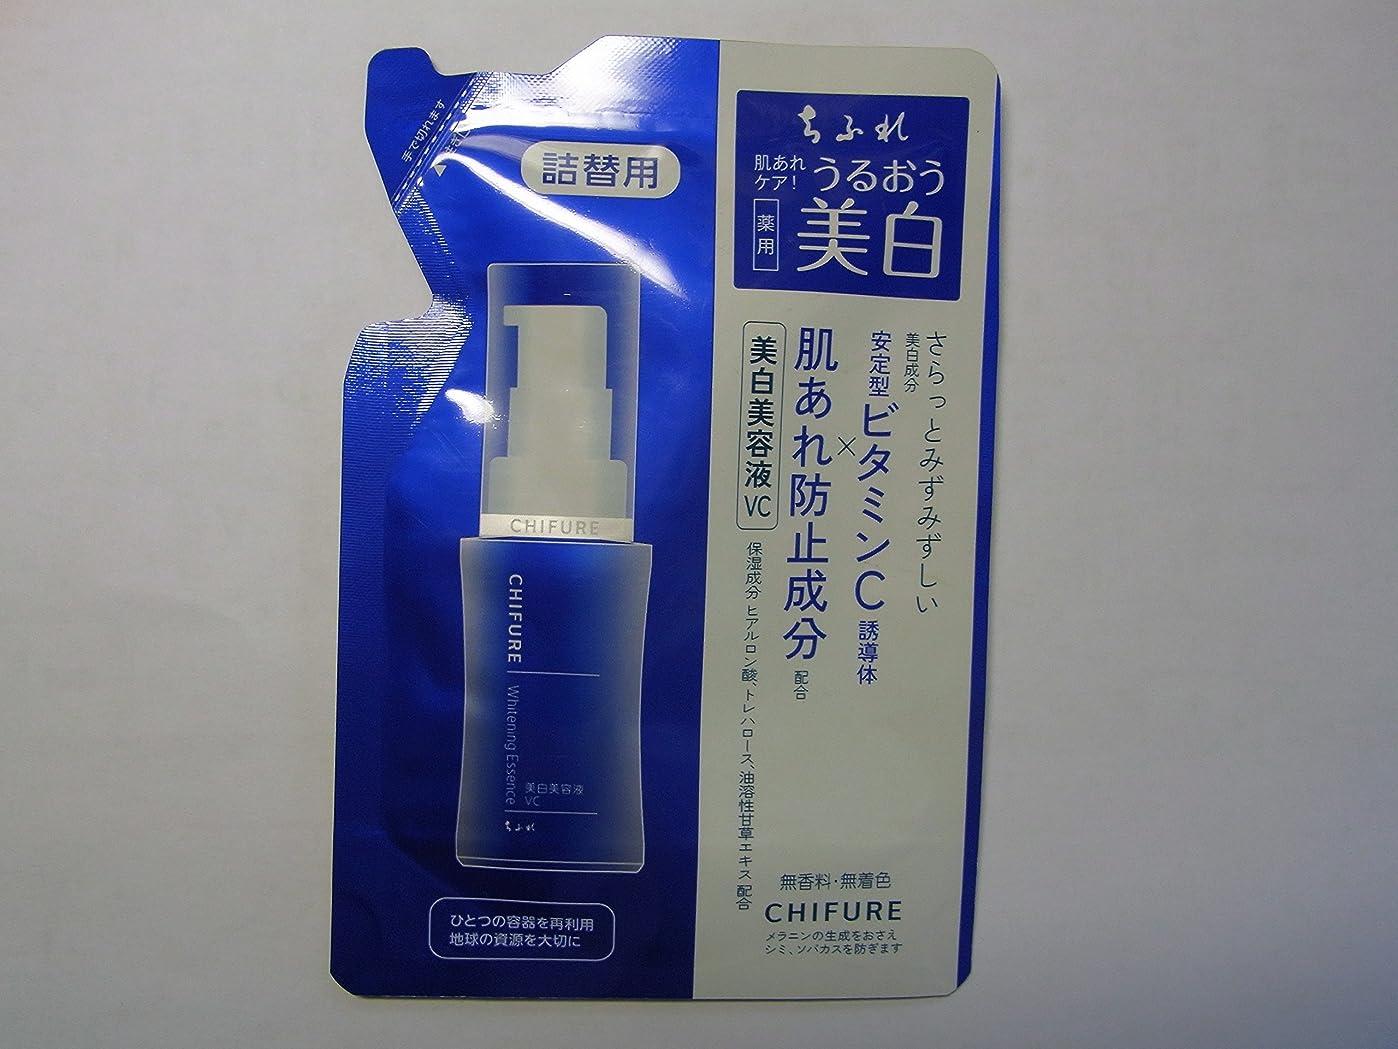 政治引き受けるゼリーちふれ化粧品 美白美容液 VC 詰替 30ML (医薬部外品)